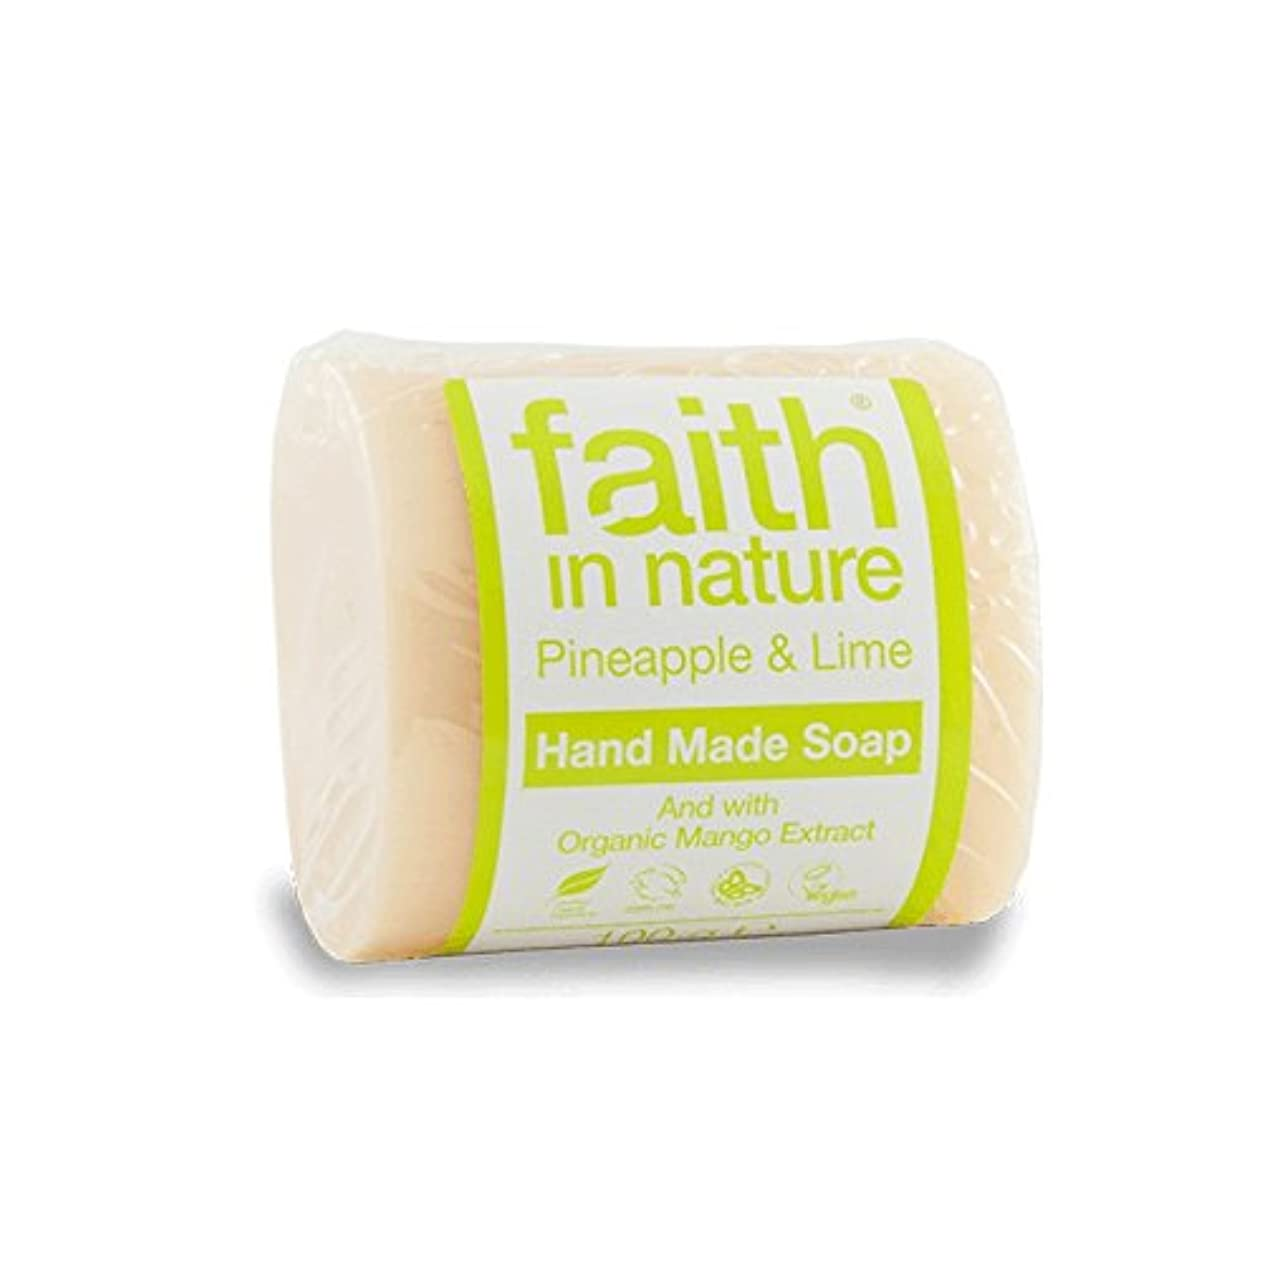 方程式しかしながら原理Faith in Nature Pineapple & Lime Soap 100g (Pack of 2) - 自然パイナップル&ライムソープ100グラムの信仰 (x2) [並行輸入品]